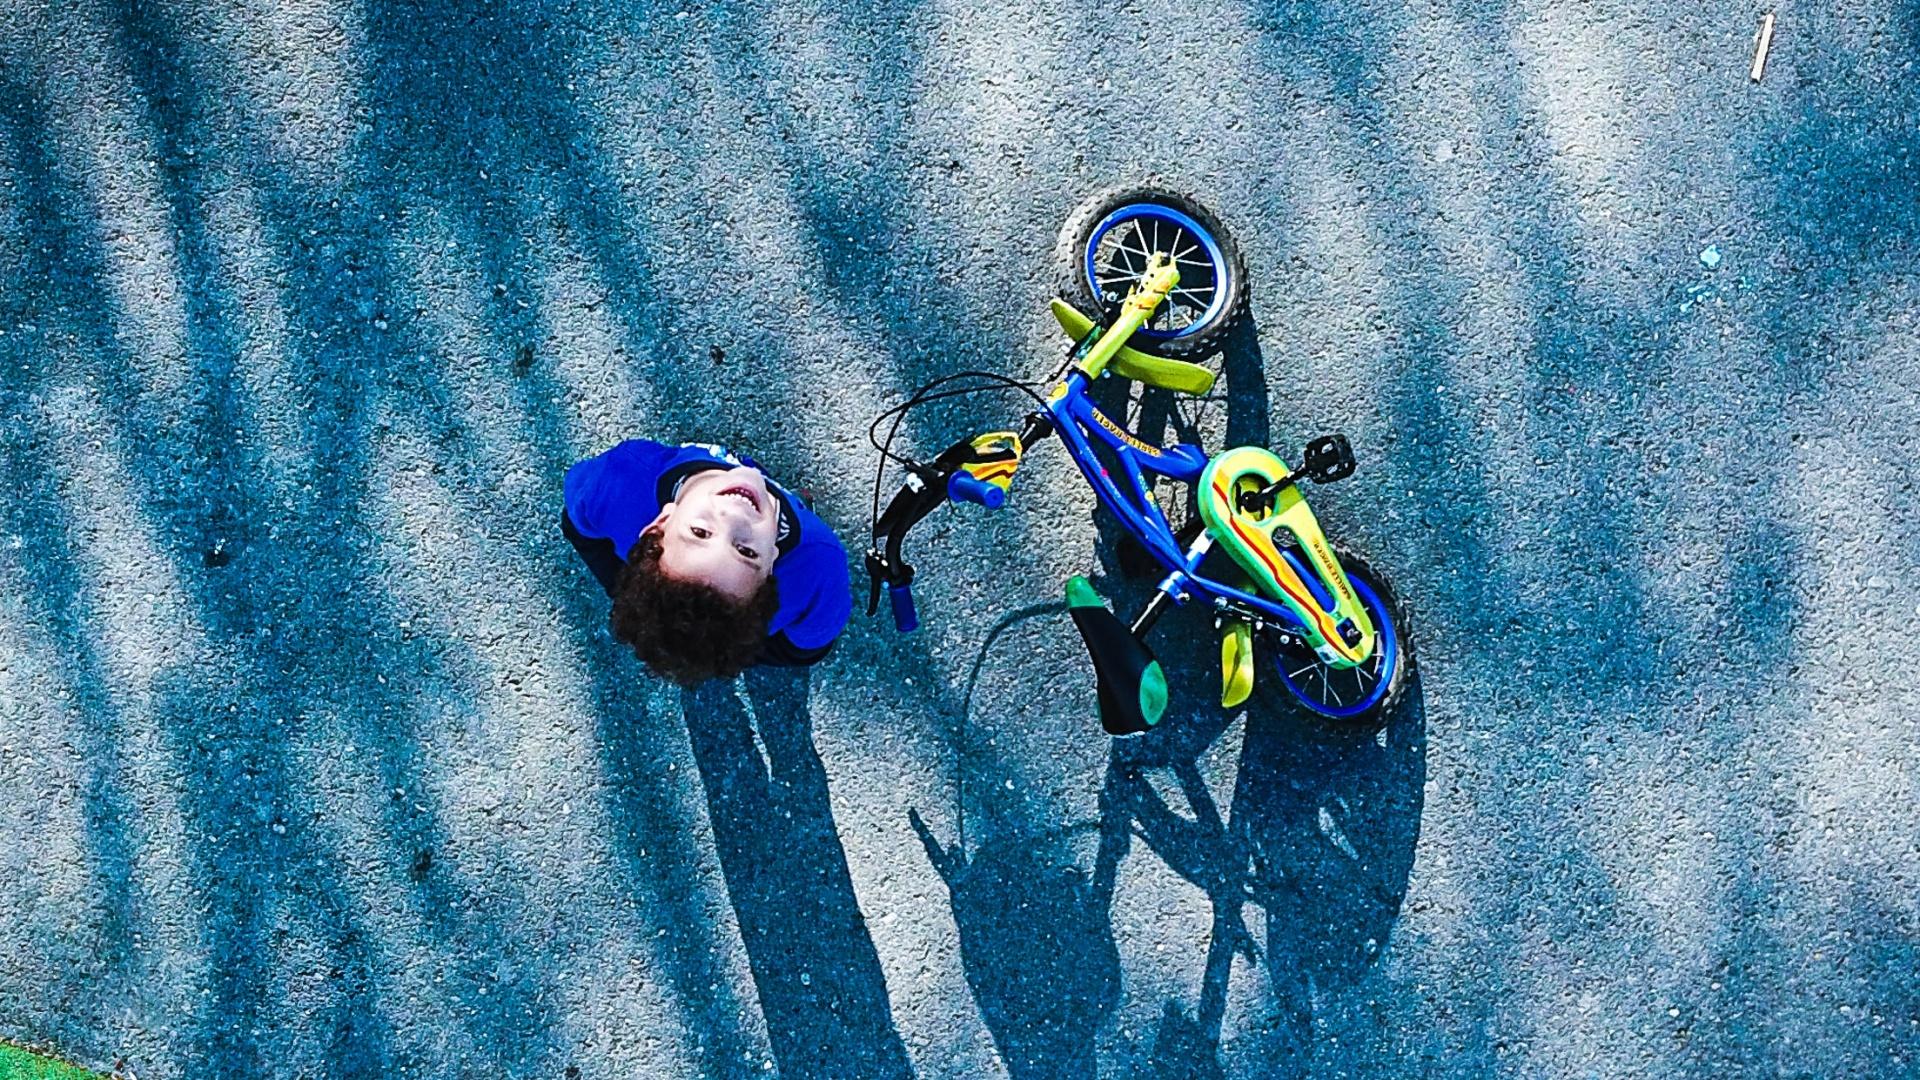 Kisfiú a biciklijével felülnézetben